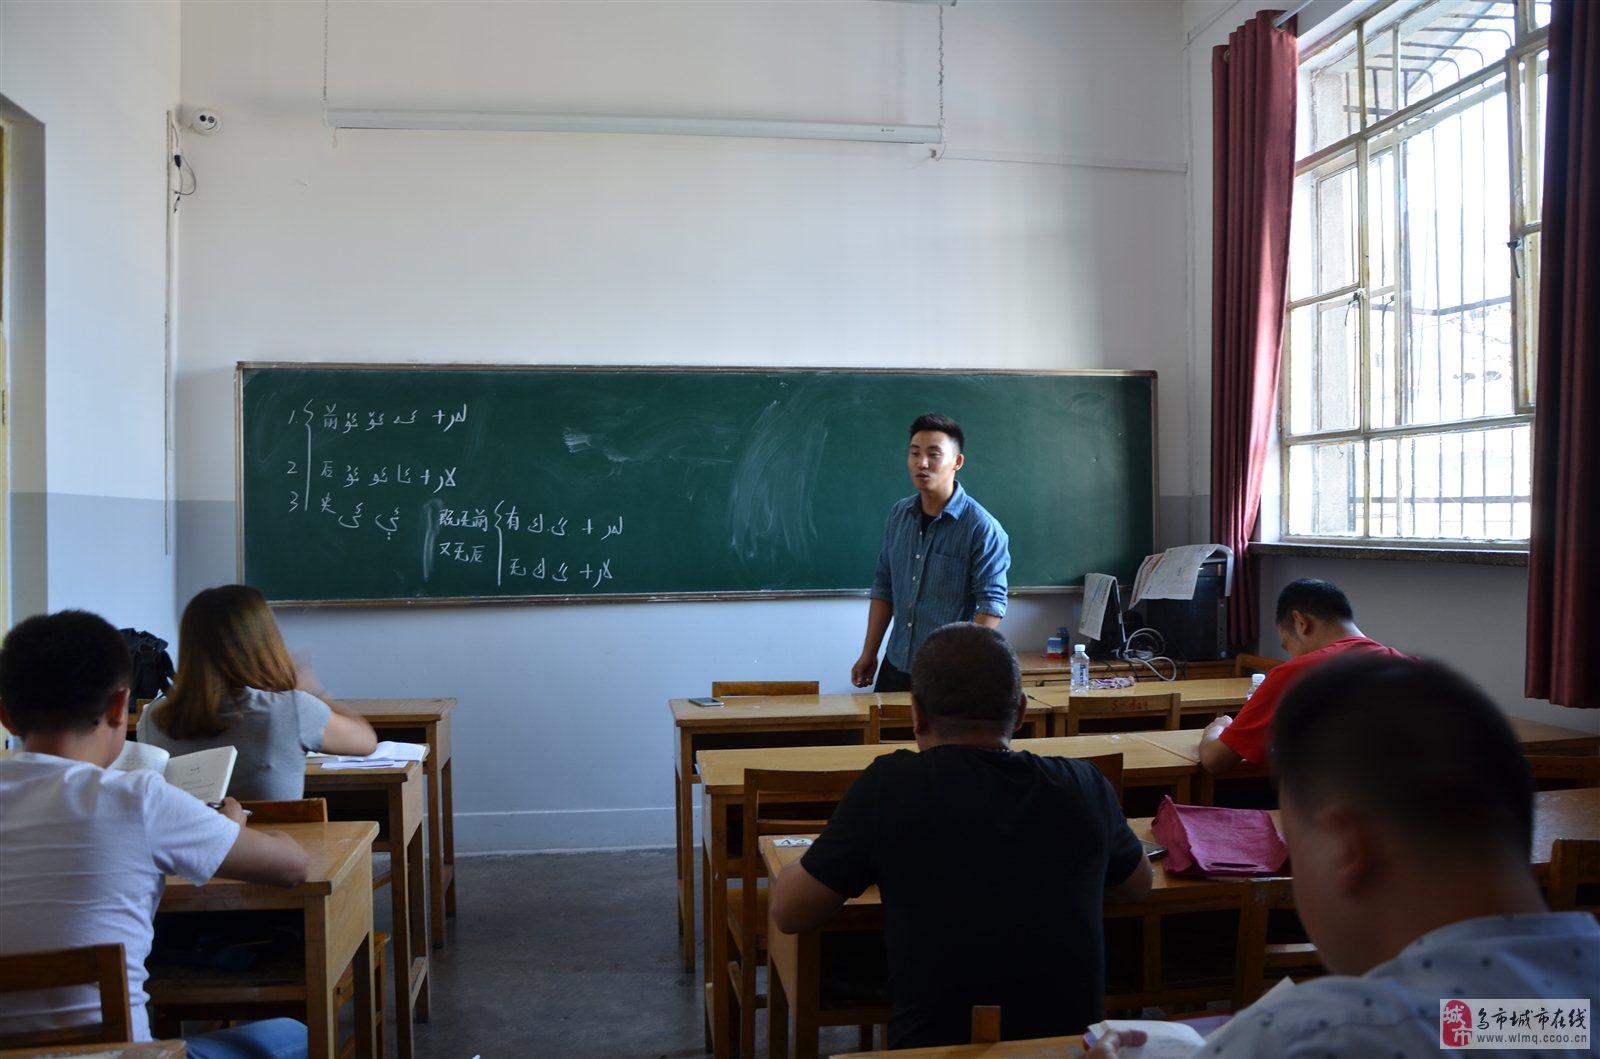 乌鲁木齐社区编制考试维语口语培训班